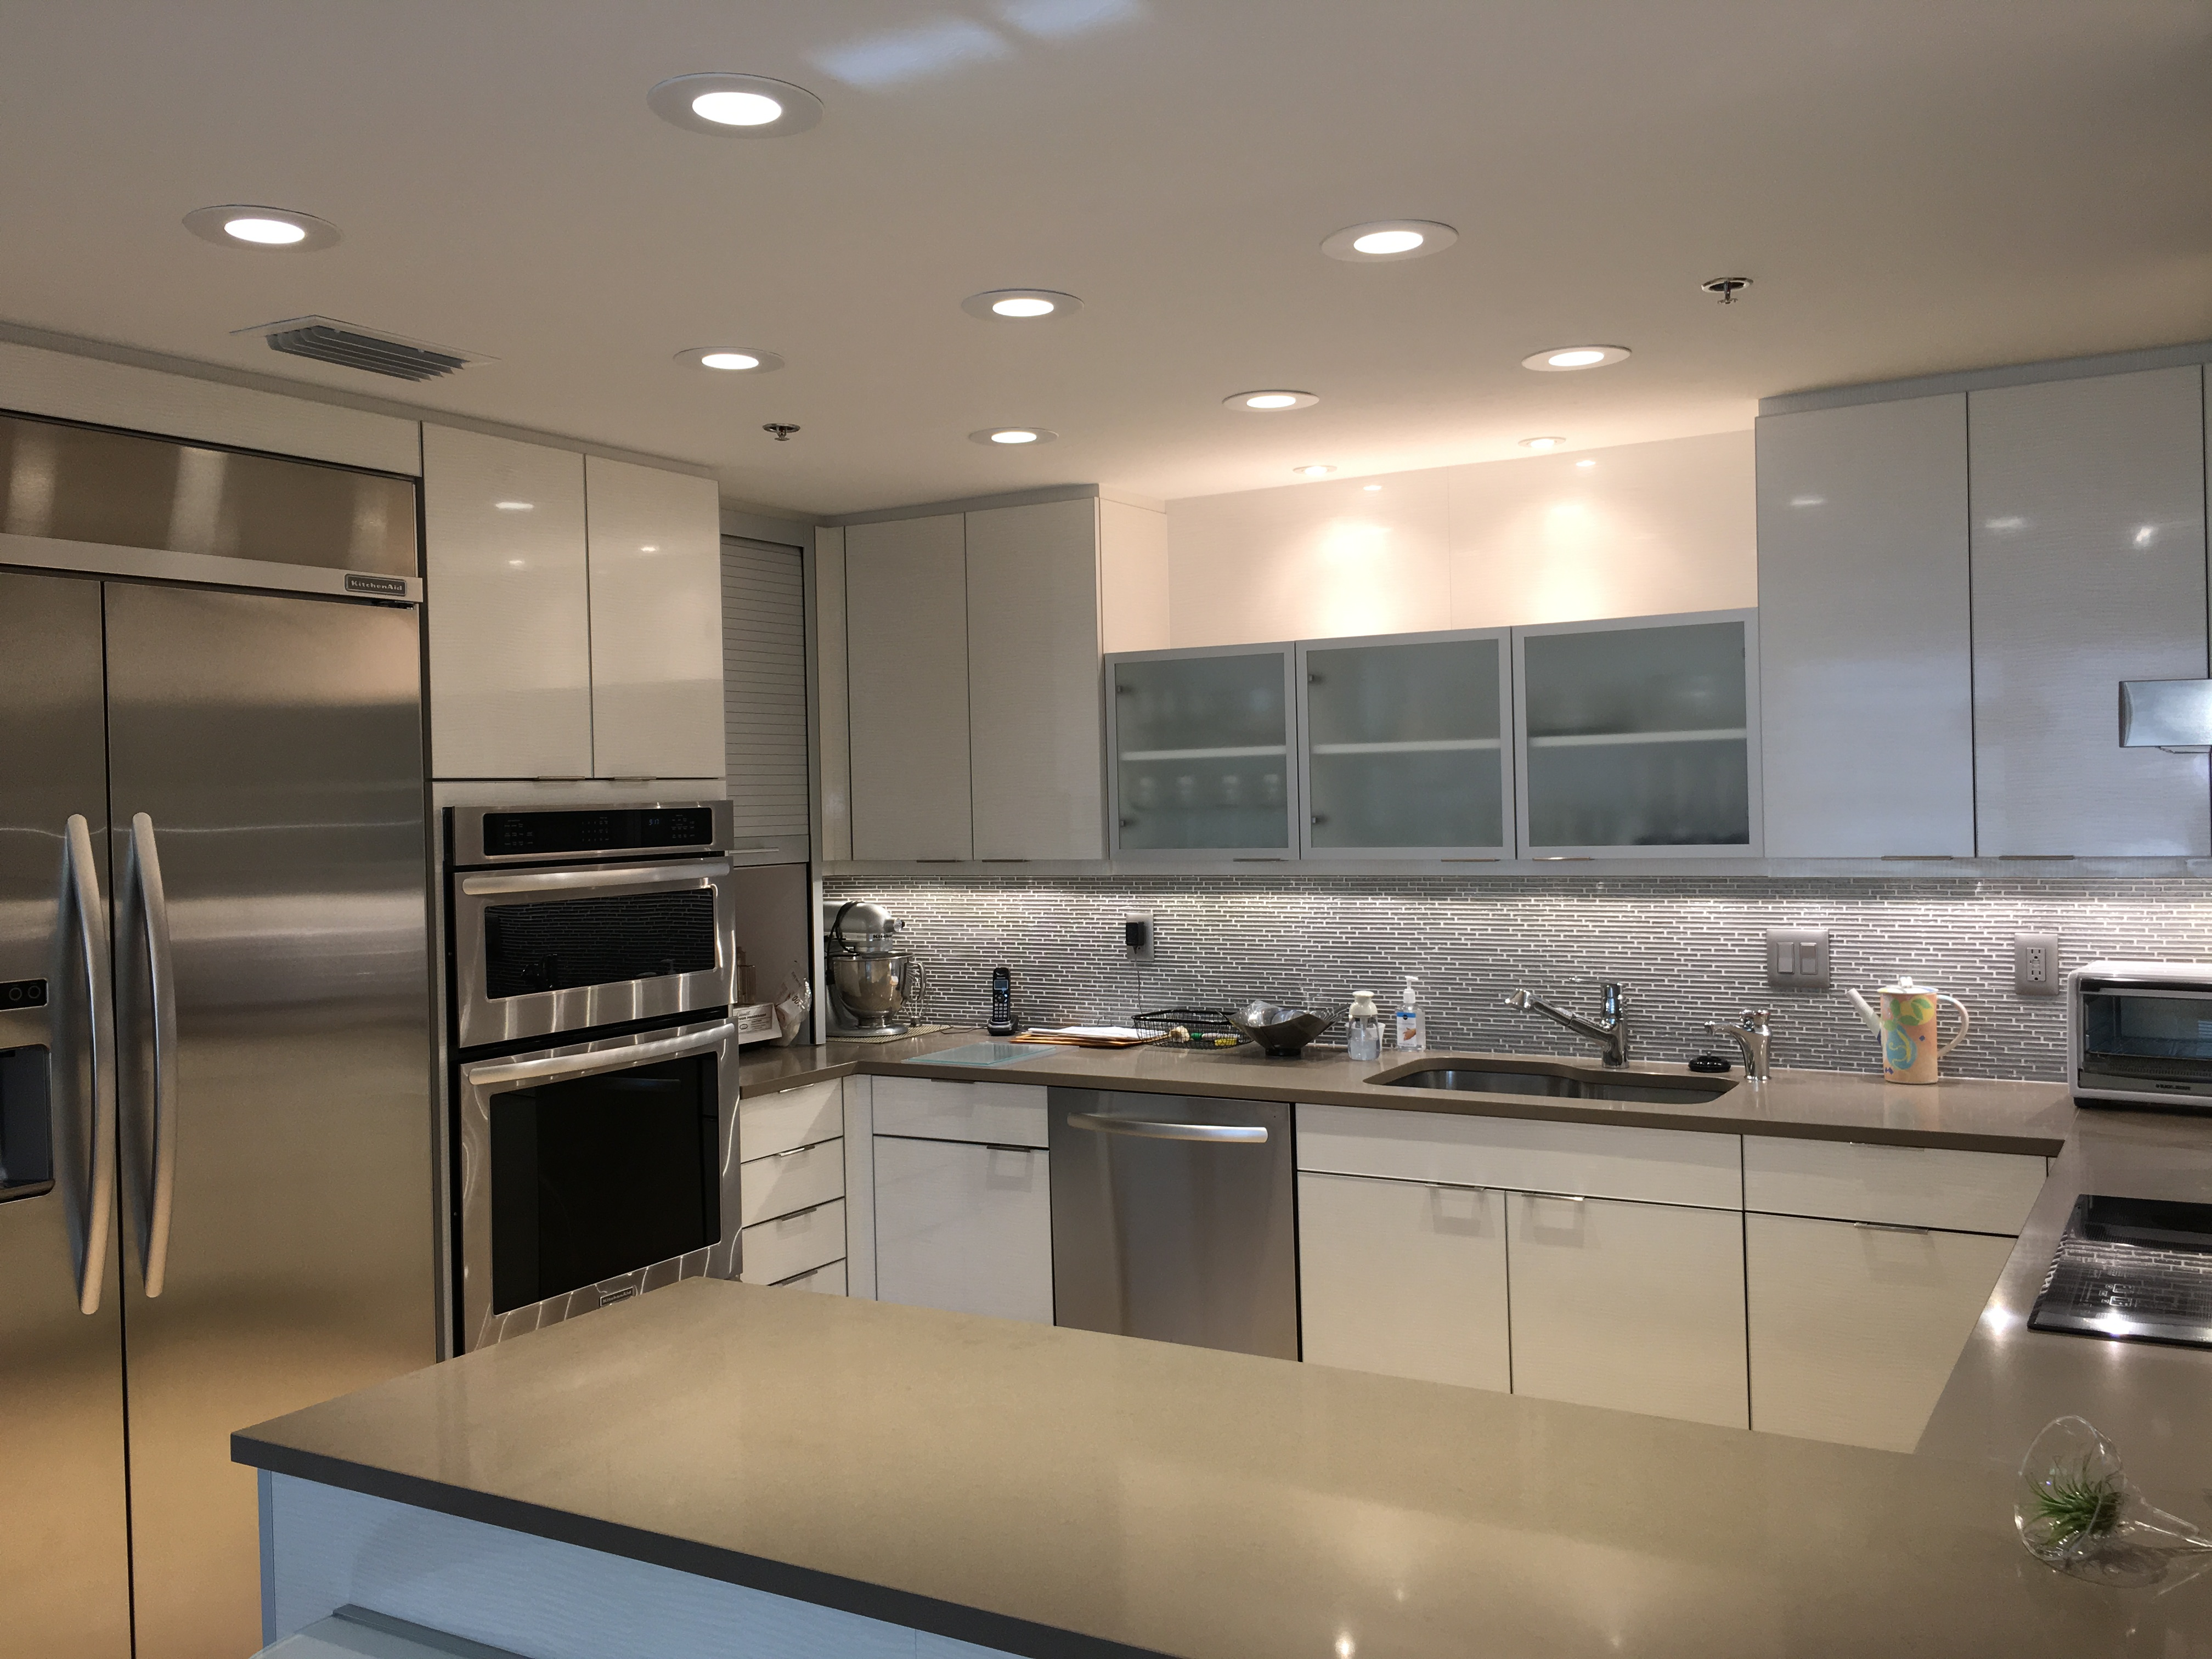 Kitchens Baths - Bathroom remodeling sarasota fl